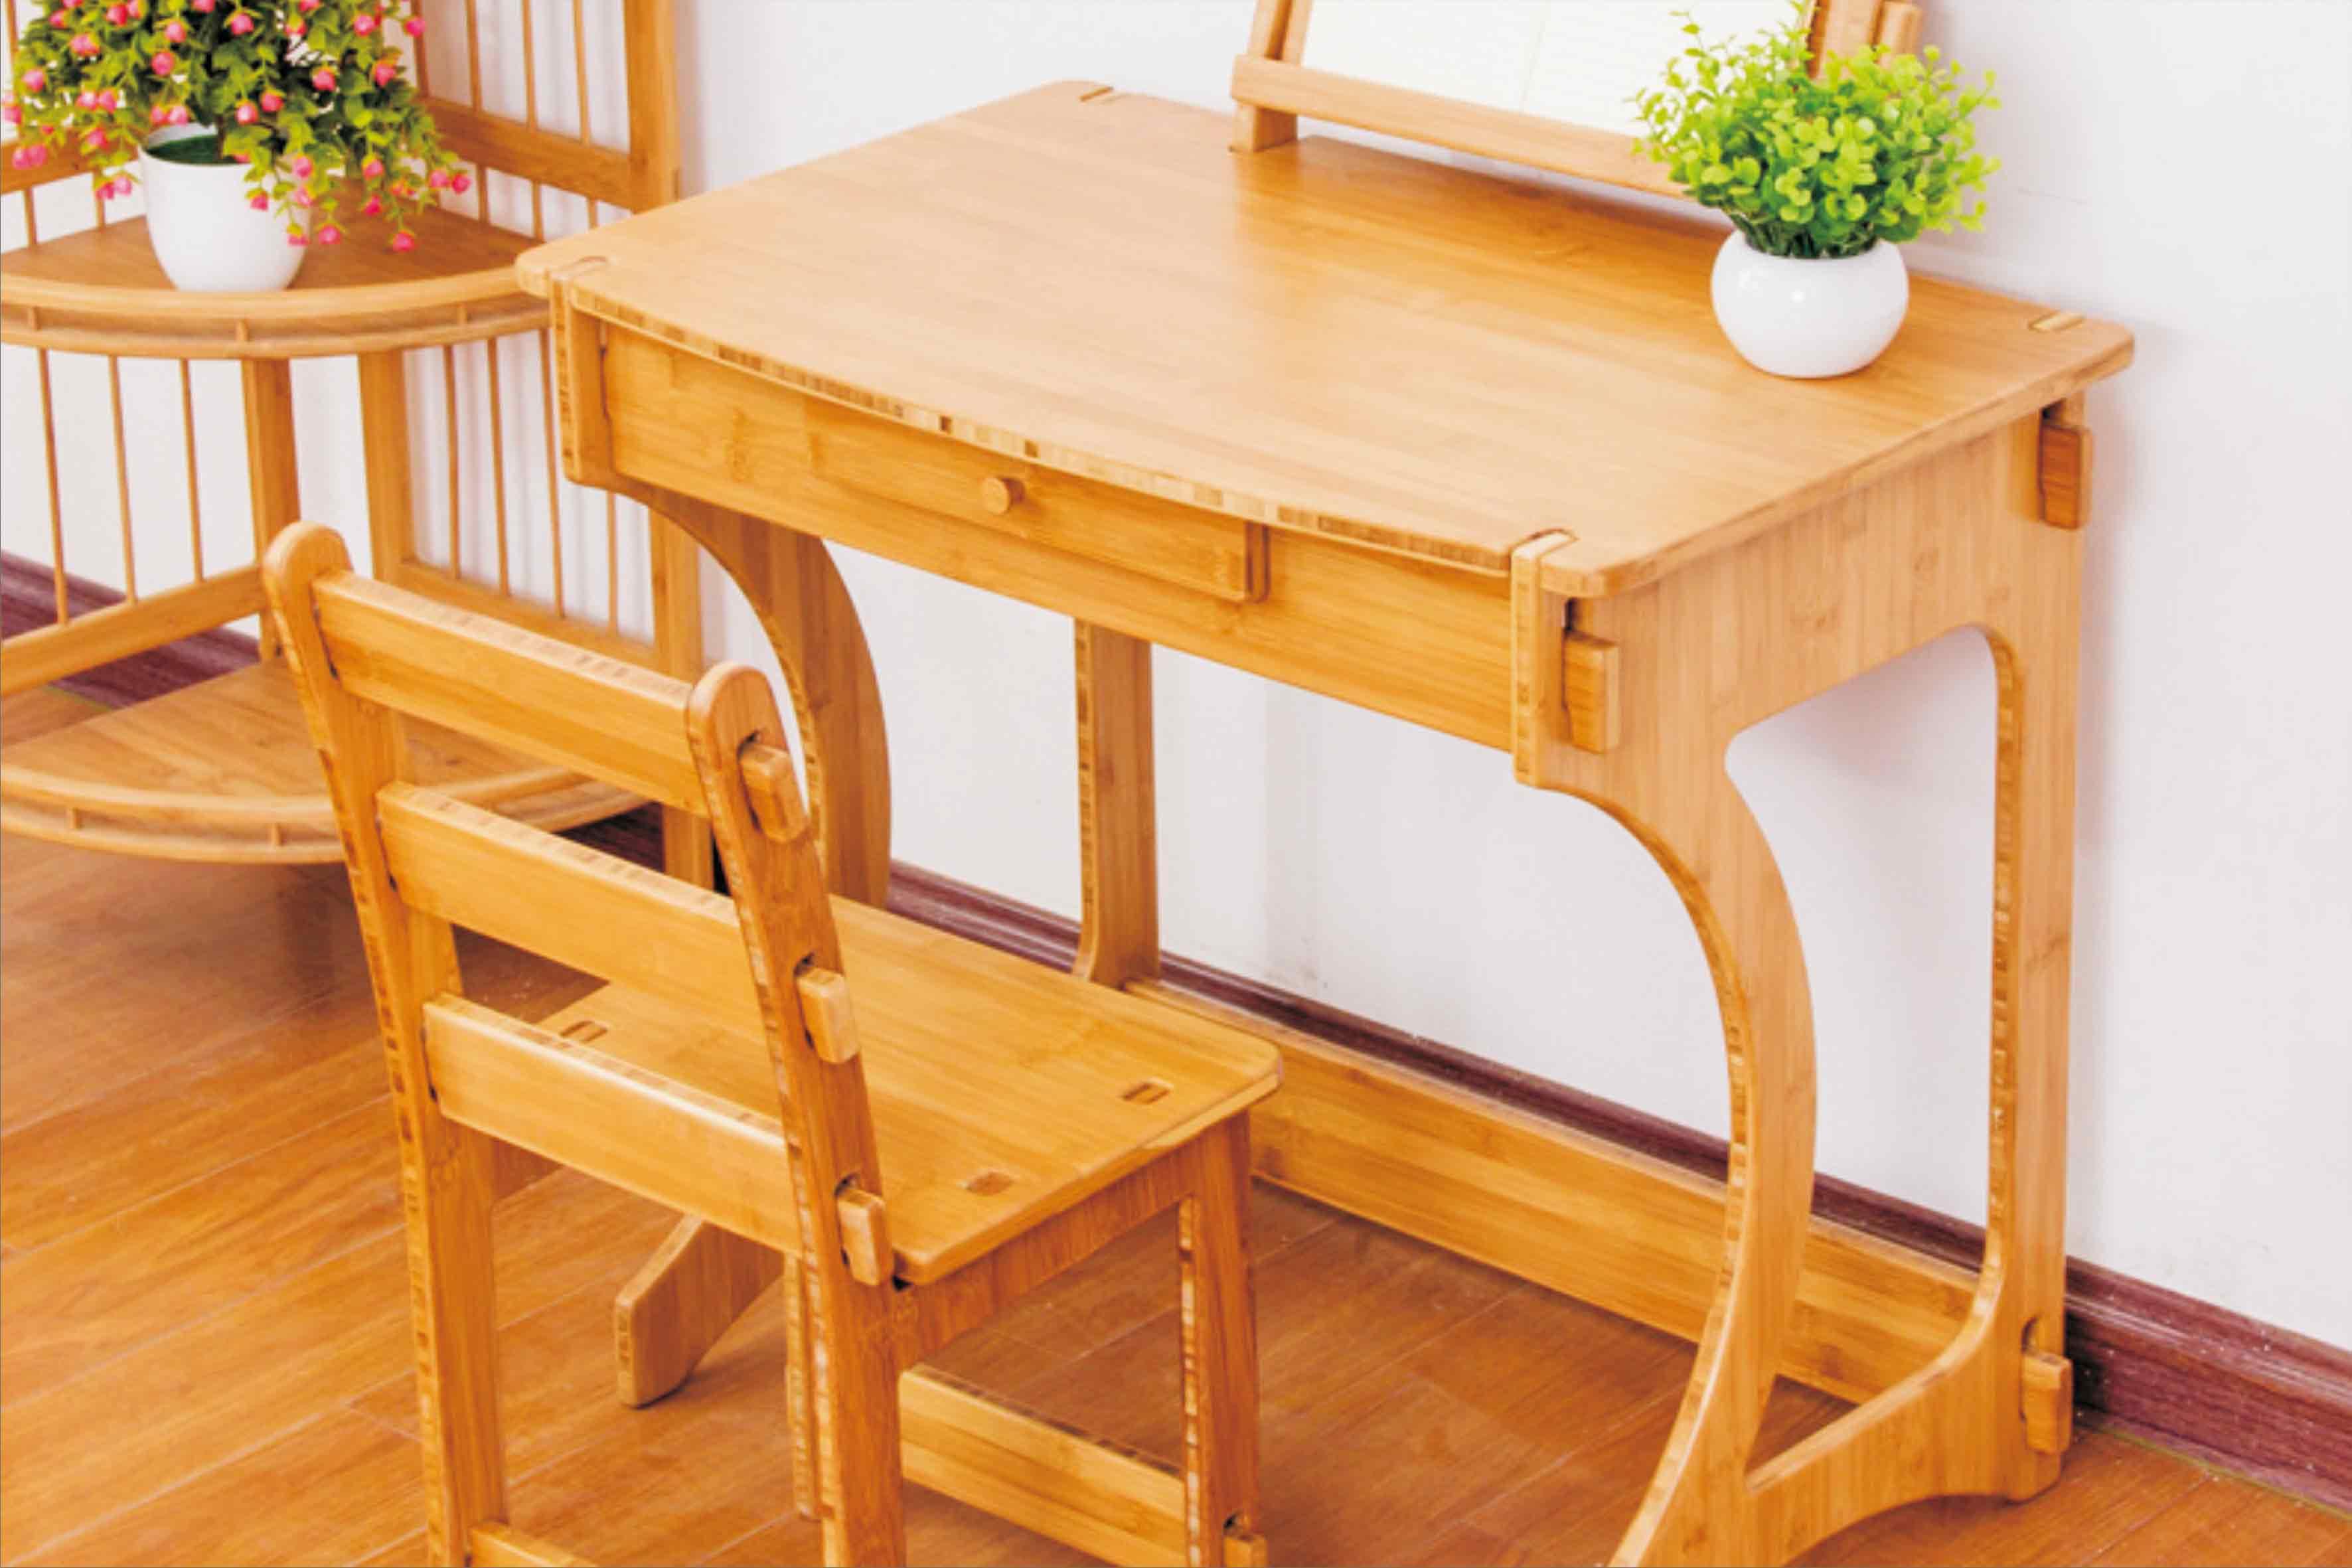 楠竹书桌 儿童学习全套竹桌椅 书房儿童家具批发支持定制